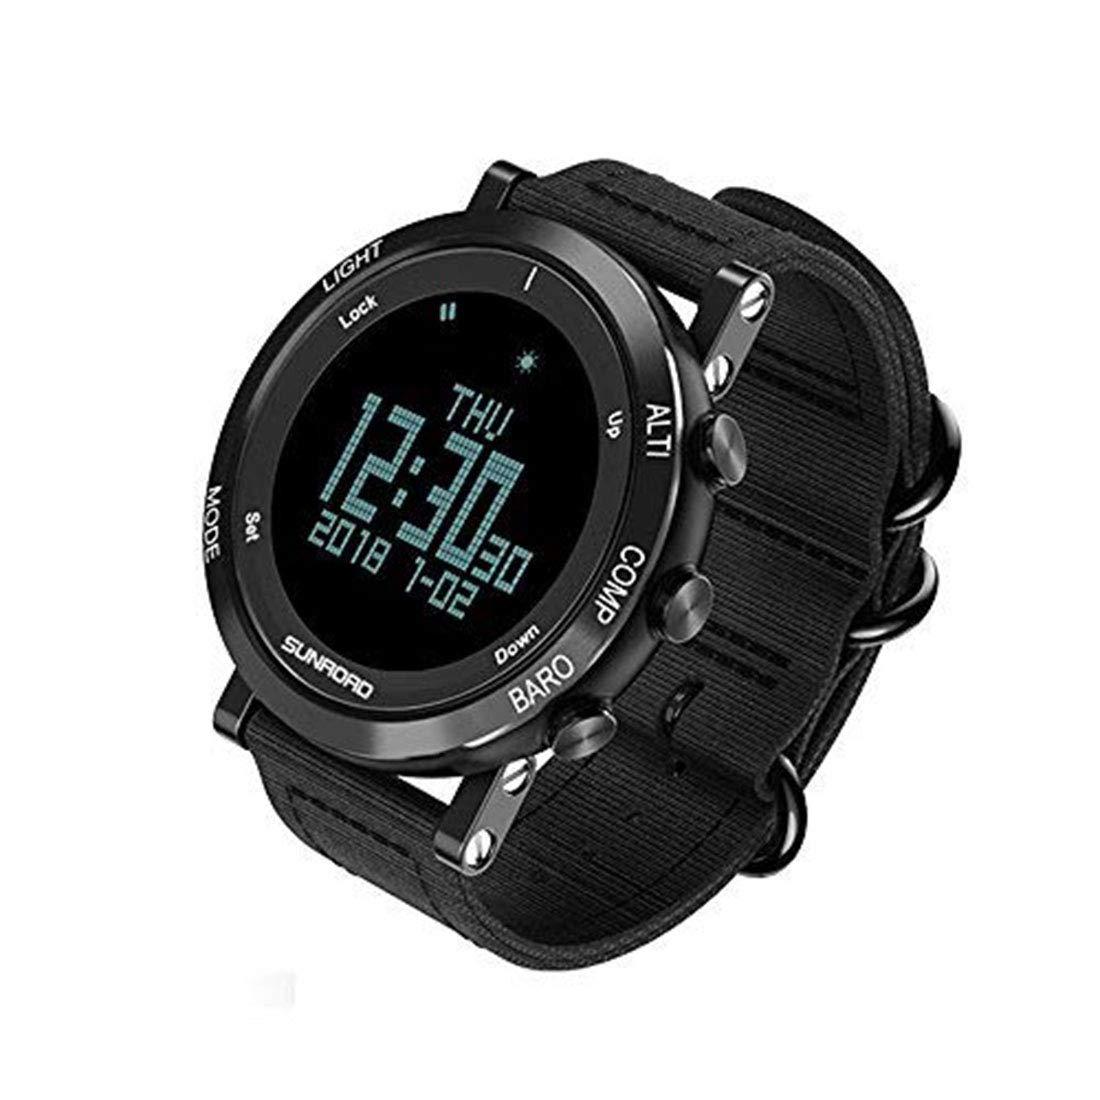 SUNROAD 2017 Hombre Relojes la nueva llegada de los hombres FR851B deportes al aire libre Reloj altímetro barómetro brújula podómetro reloj con correa de nylon de alta calidad